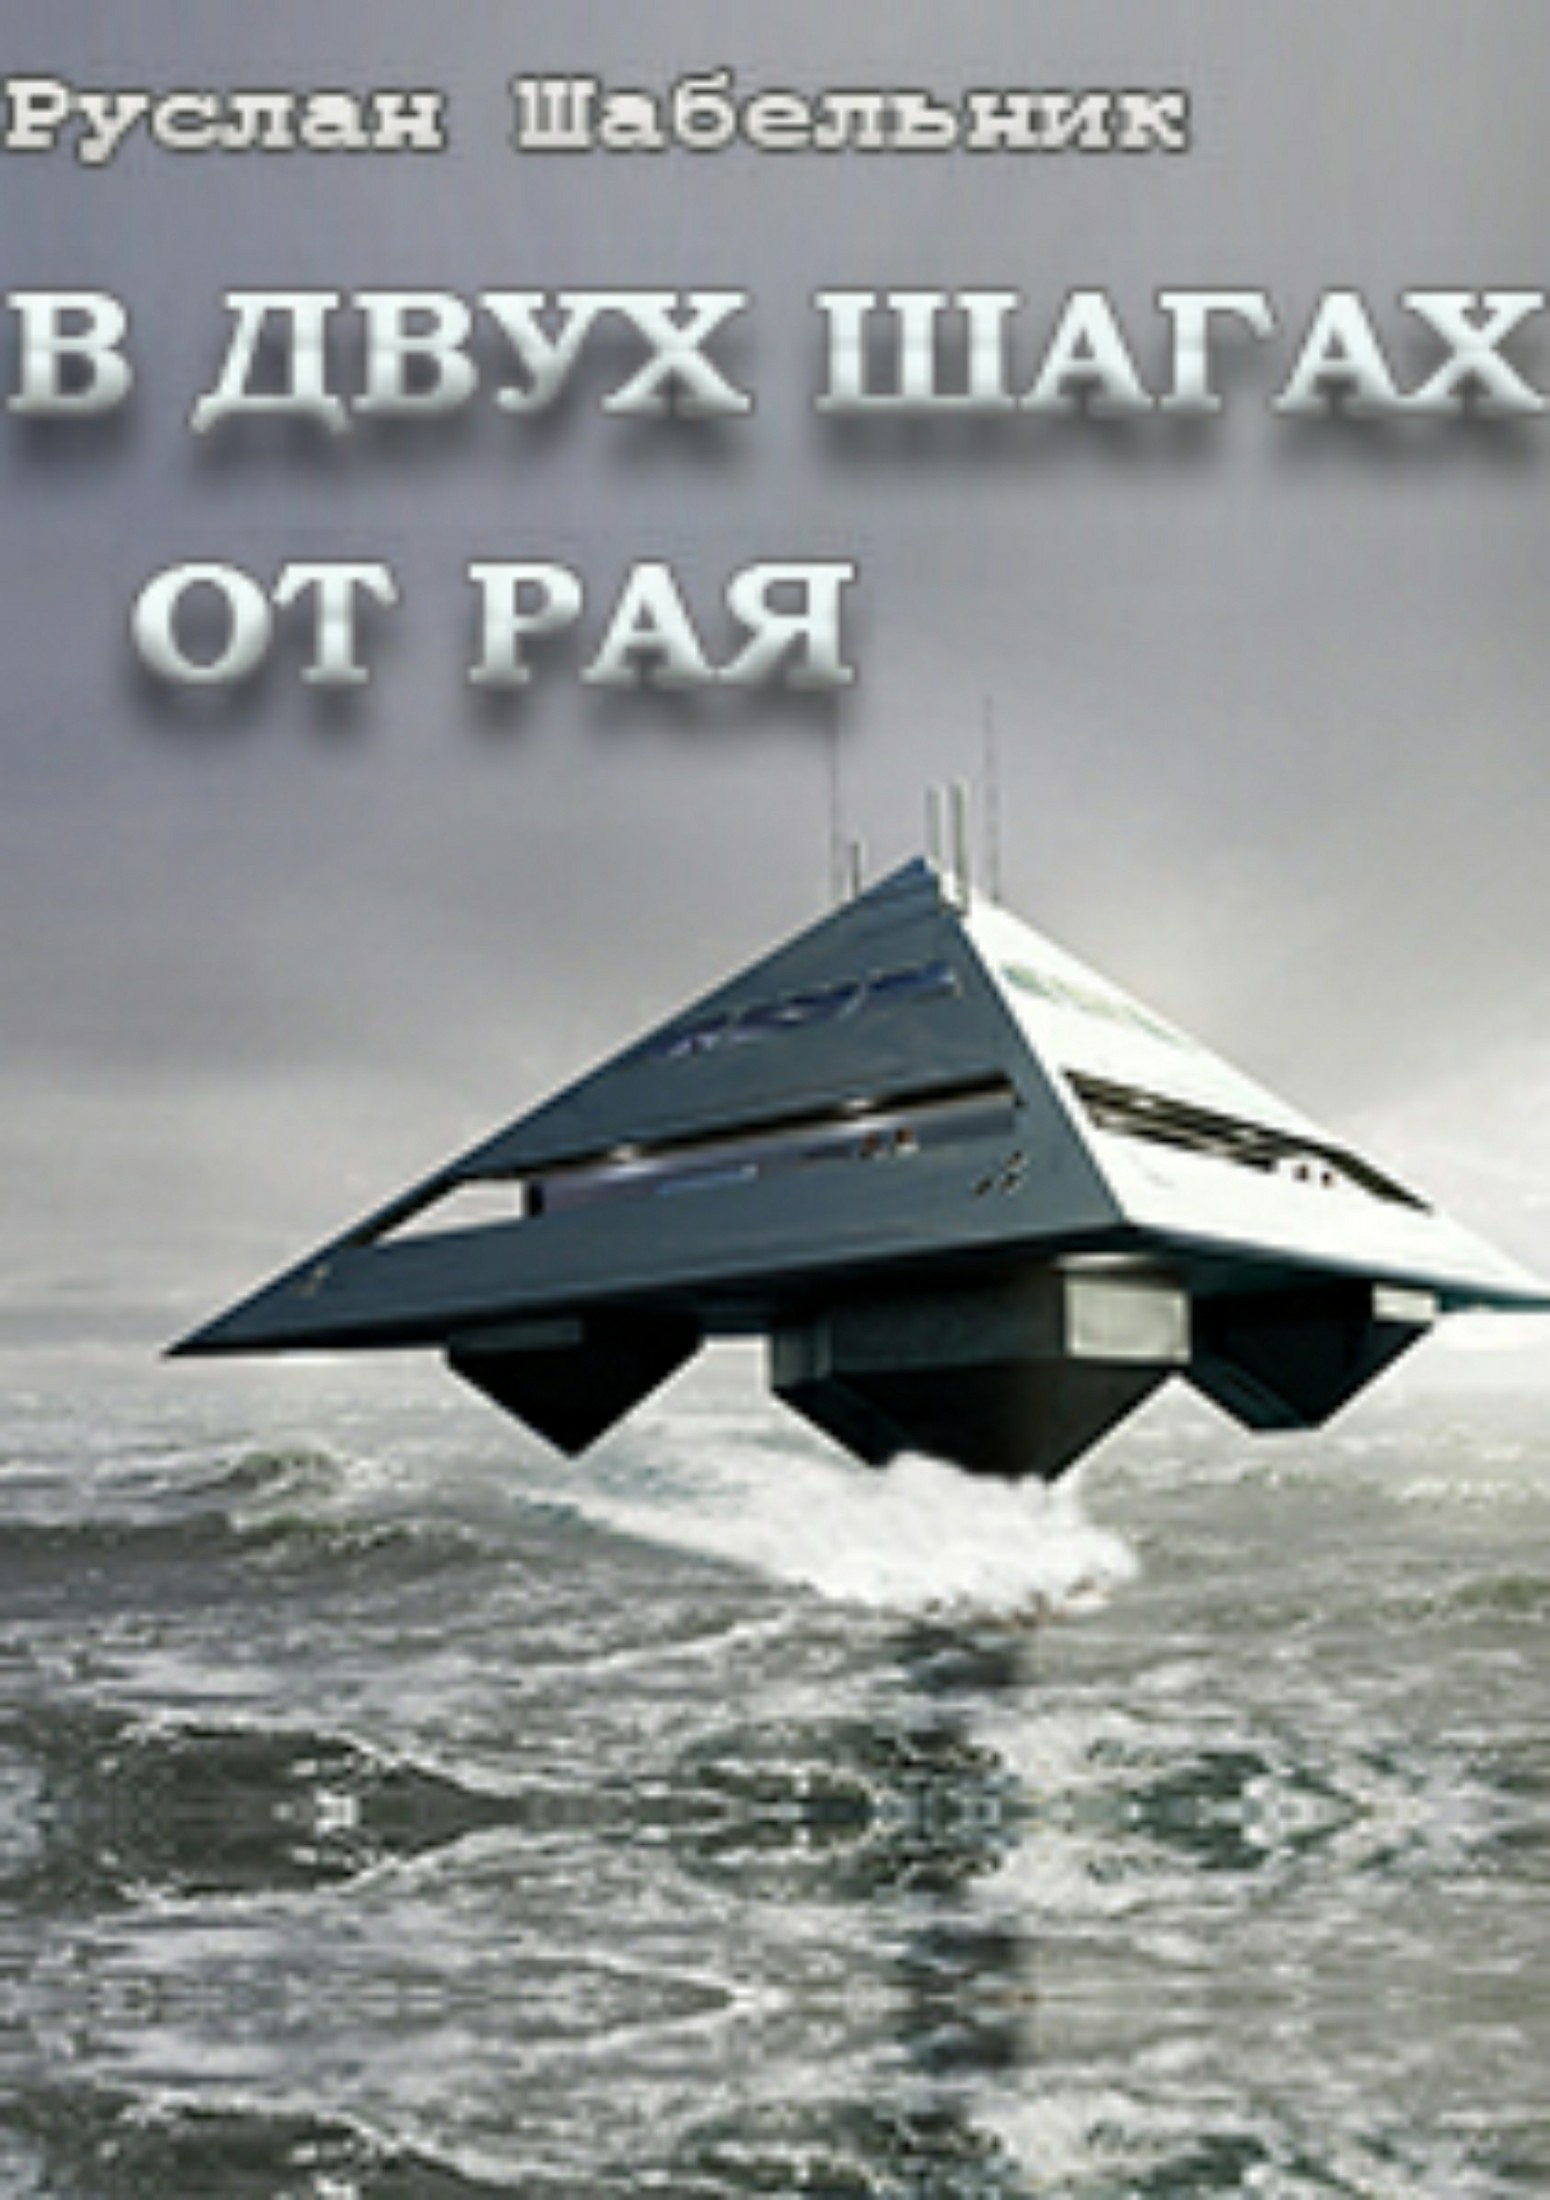 Руслан Владимирович Шабельник. В двух шагах от рая